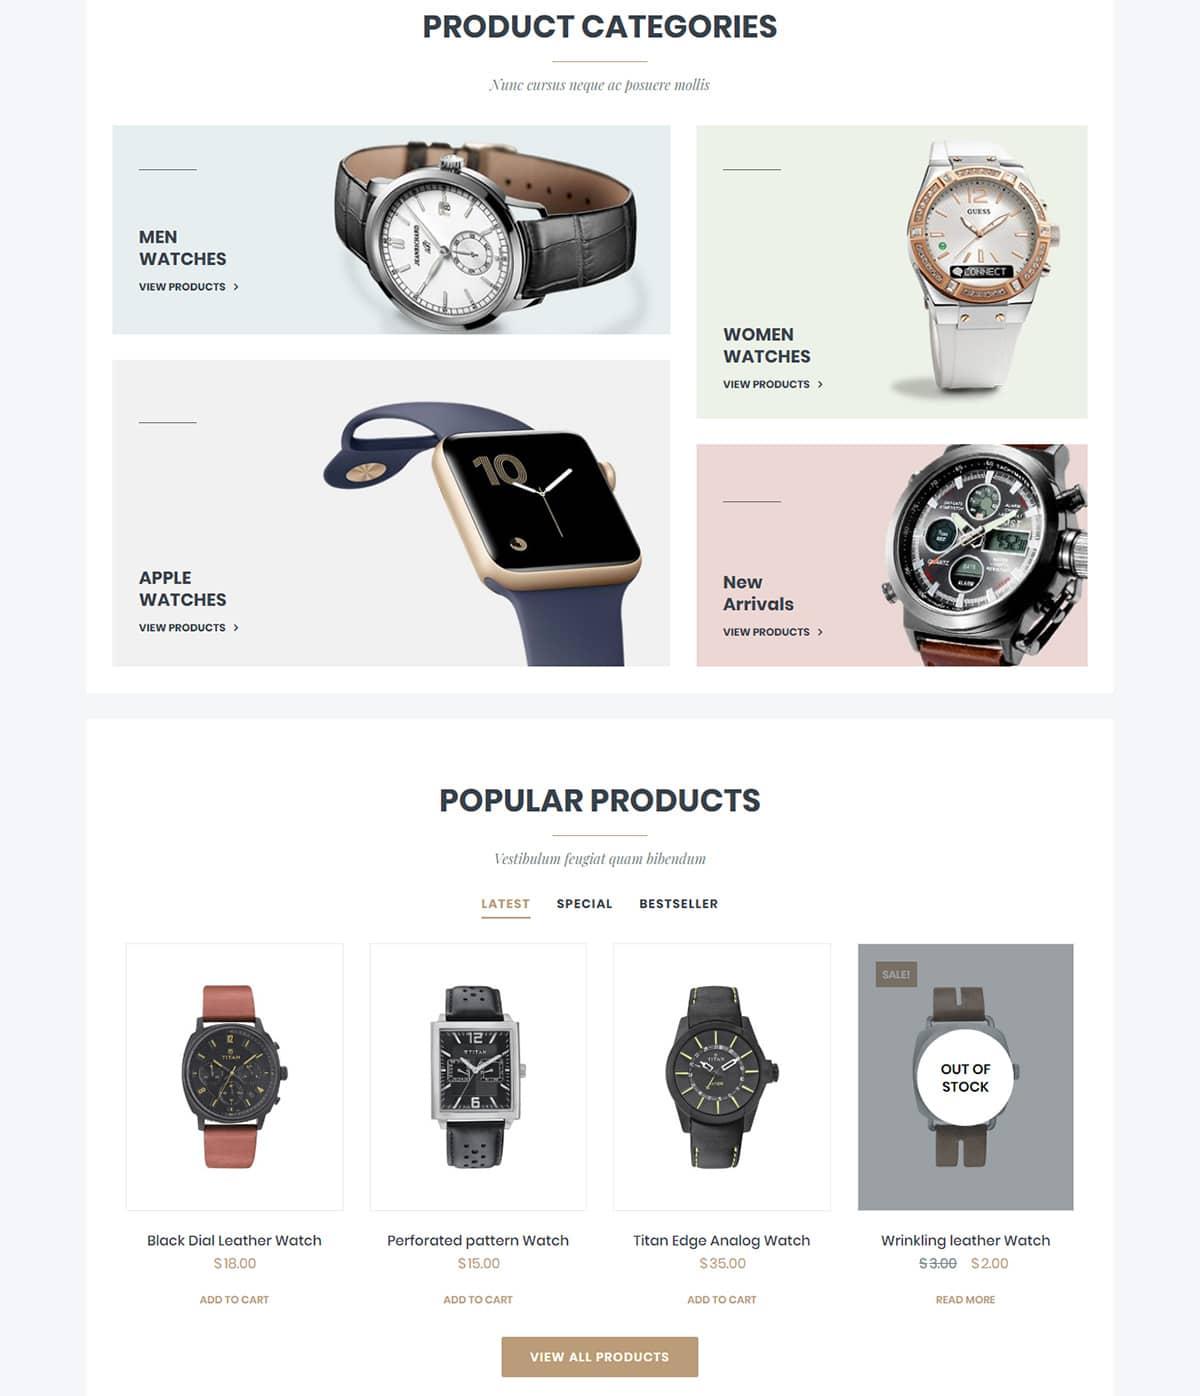 istaknute kategorije proizvoda funkcije za internet prodavnice